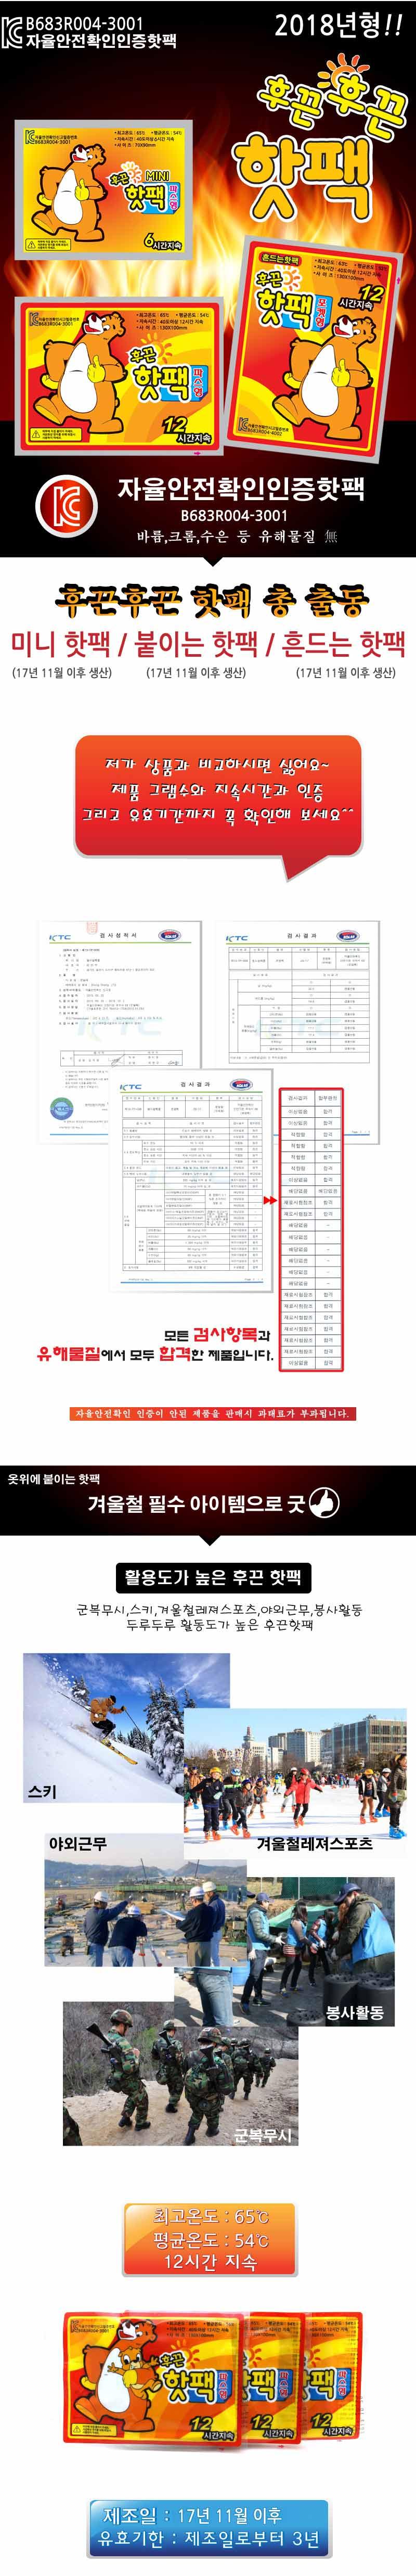 따끈따끈한 흔드는 후끈 핫팩/손난로/ 발열팩/ 방한용품 / 12시간 지속 / 65˚C / KC인증